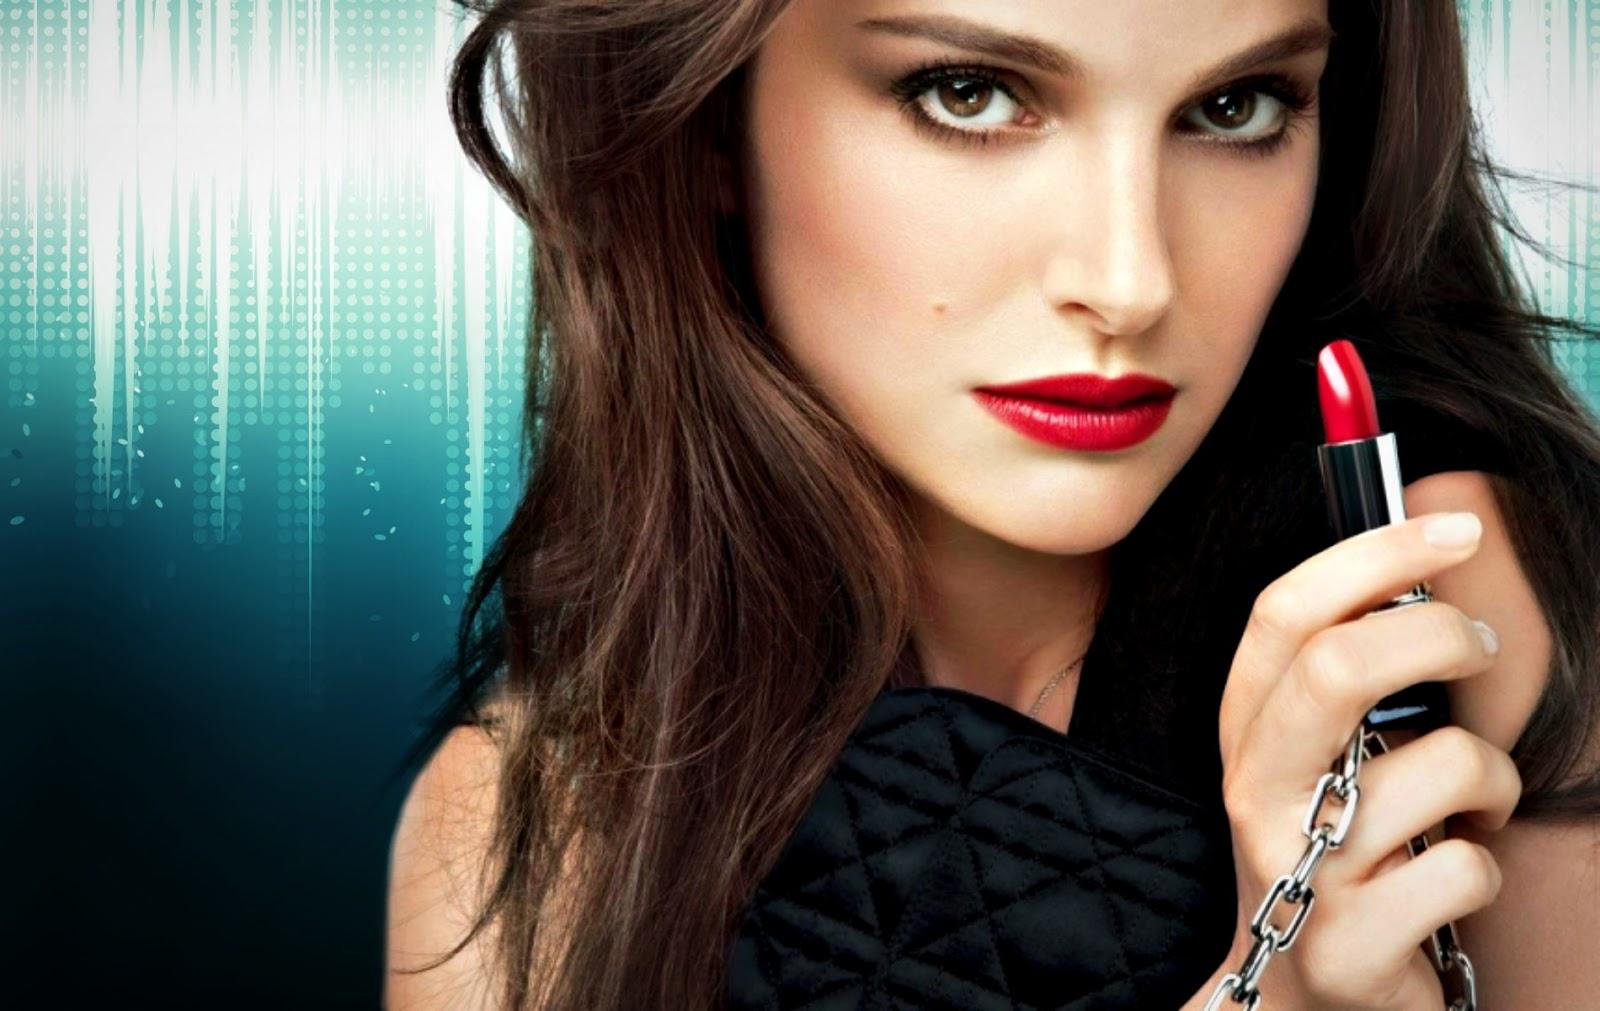 Natalie Portman New Look Hot Pic HD